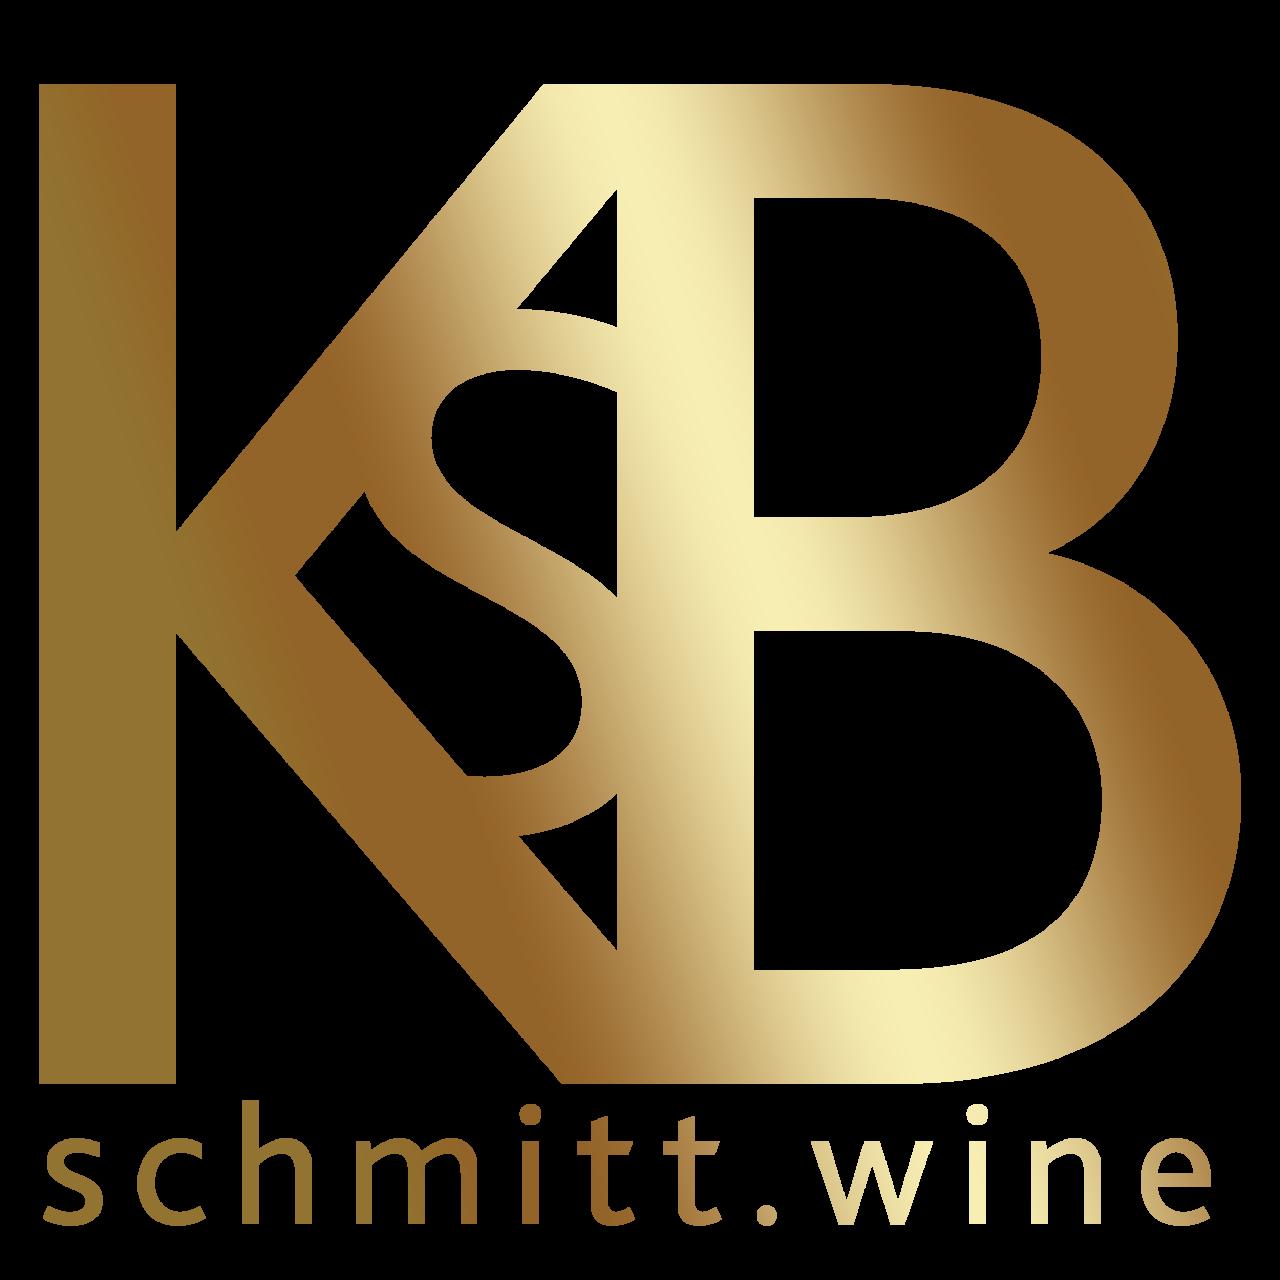 KSB Schmitt